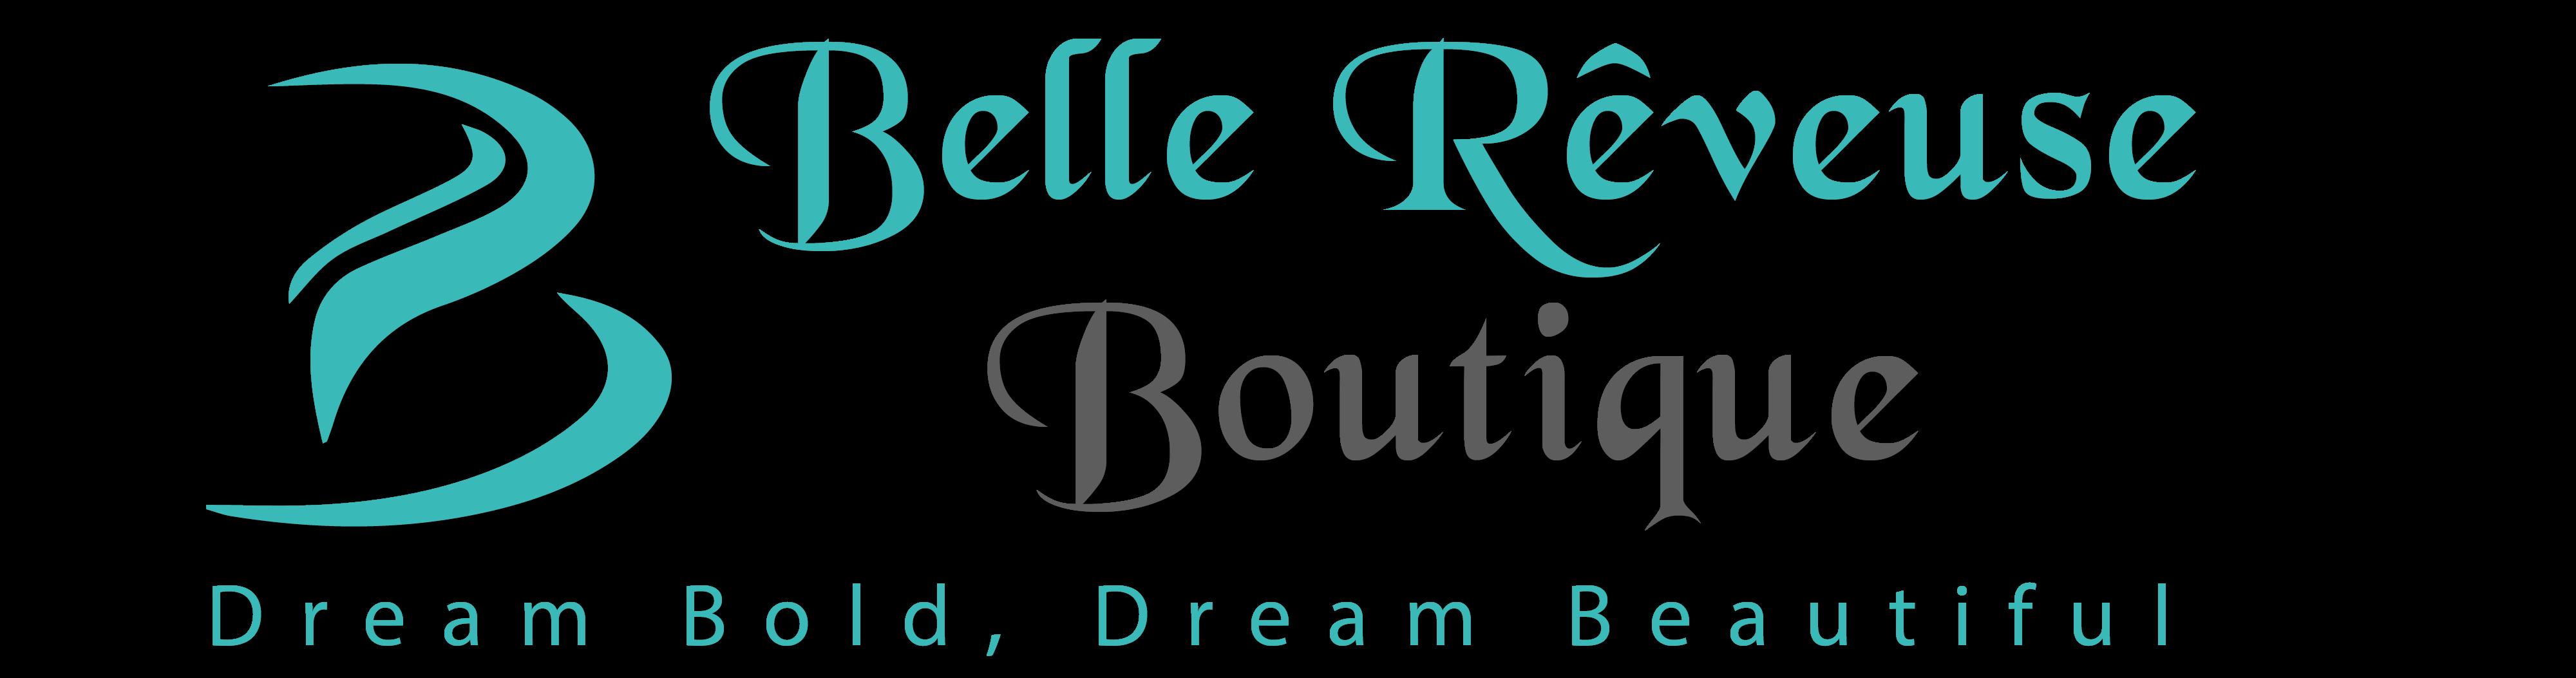 Belle Rêveuse Boutique cropped logo